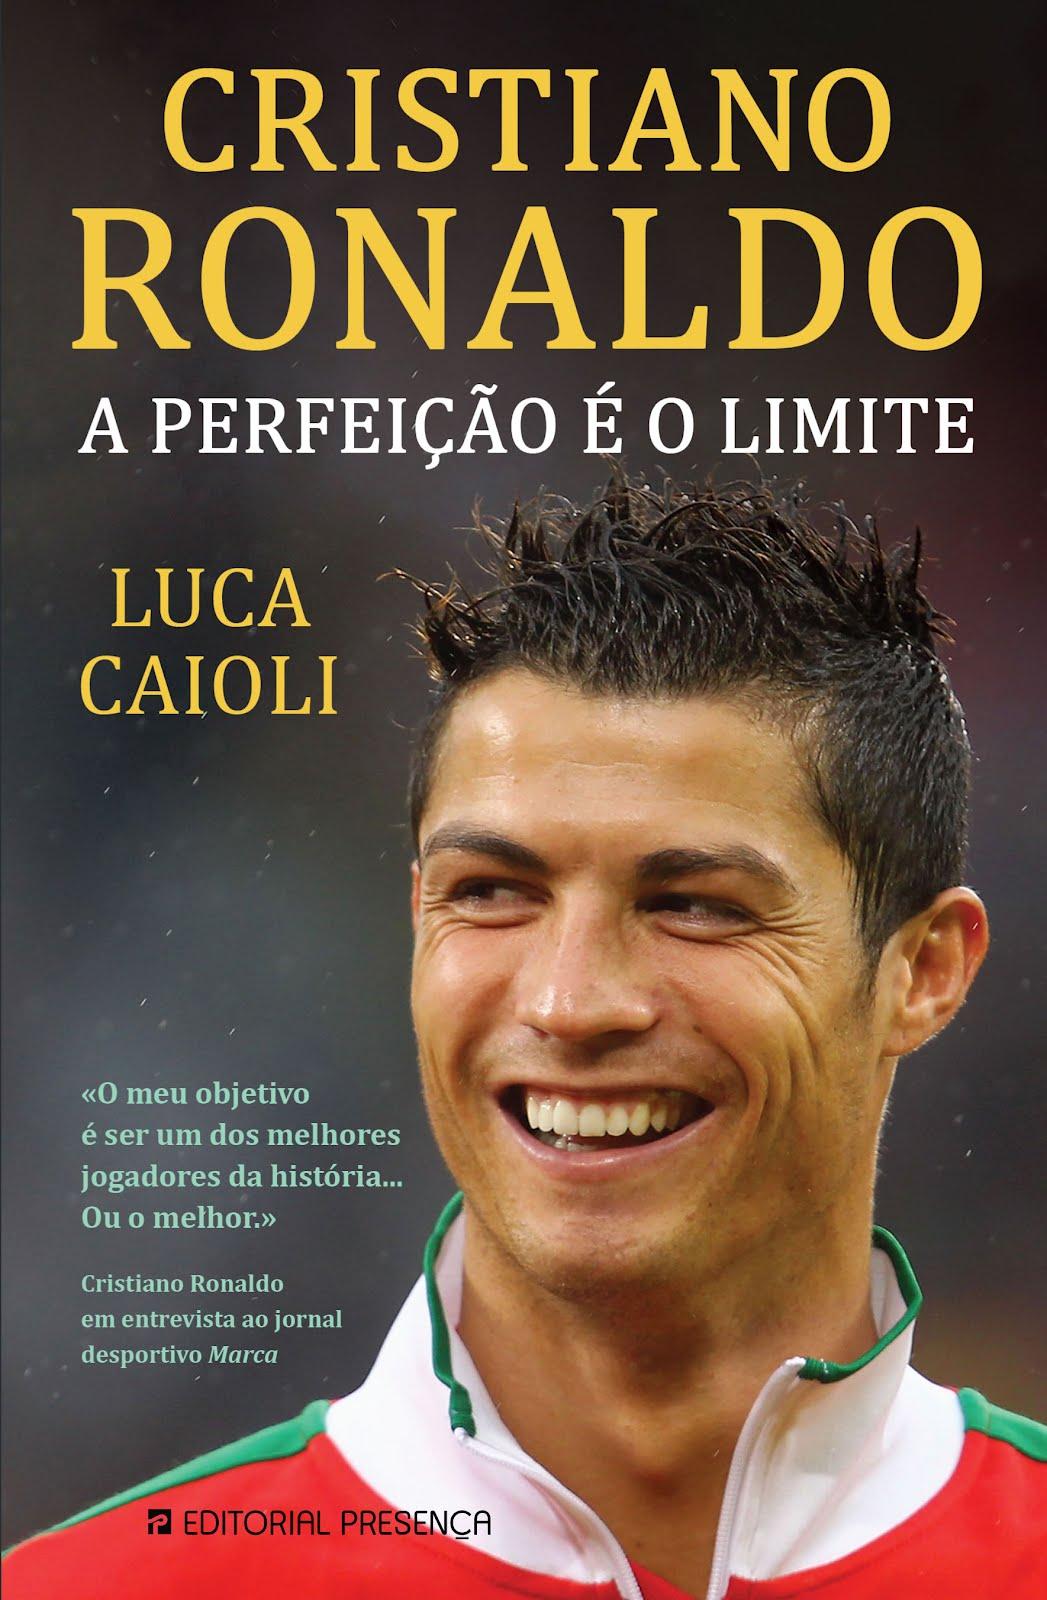 http://4.bp.blogspot.com/-QqsTs2k2axk/USlotM2Y6eI/AAAAAAAAaic/MQov9aH1I9U/s1600/Cristiano_Ronaldo.jpg